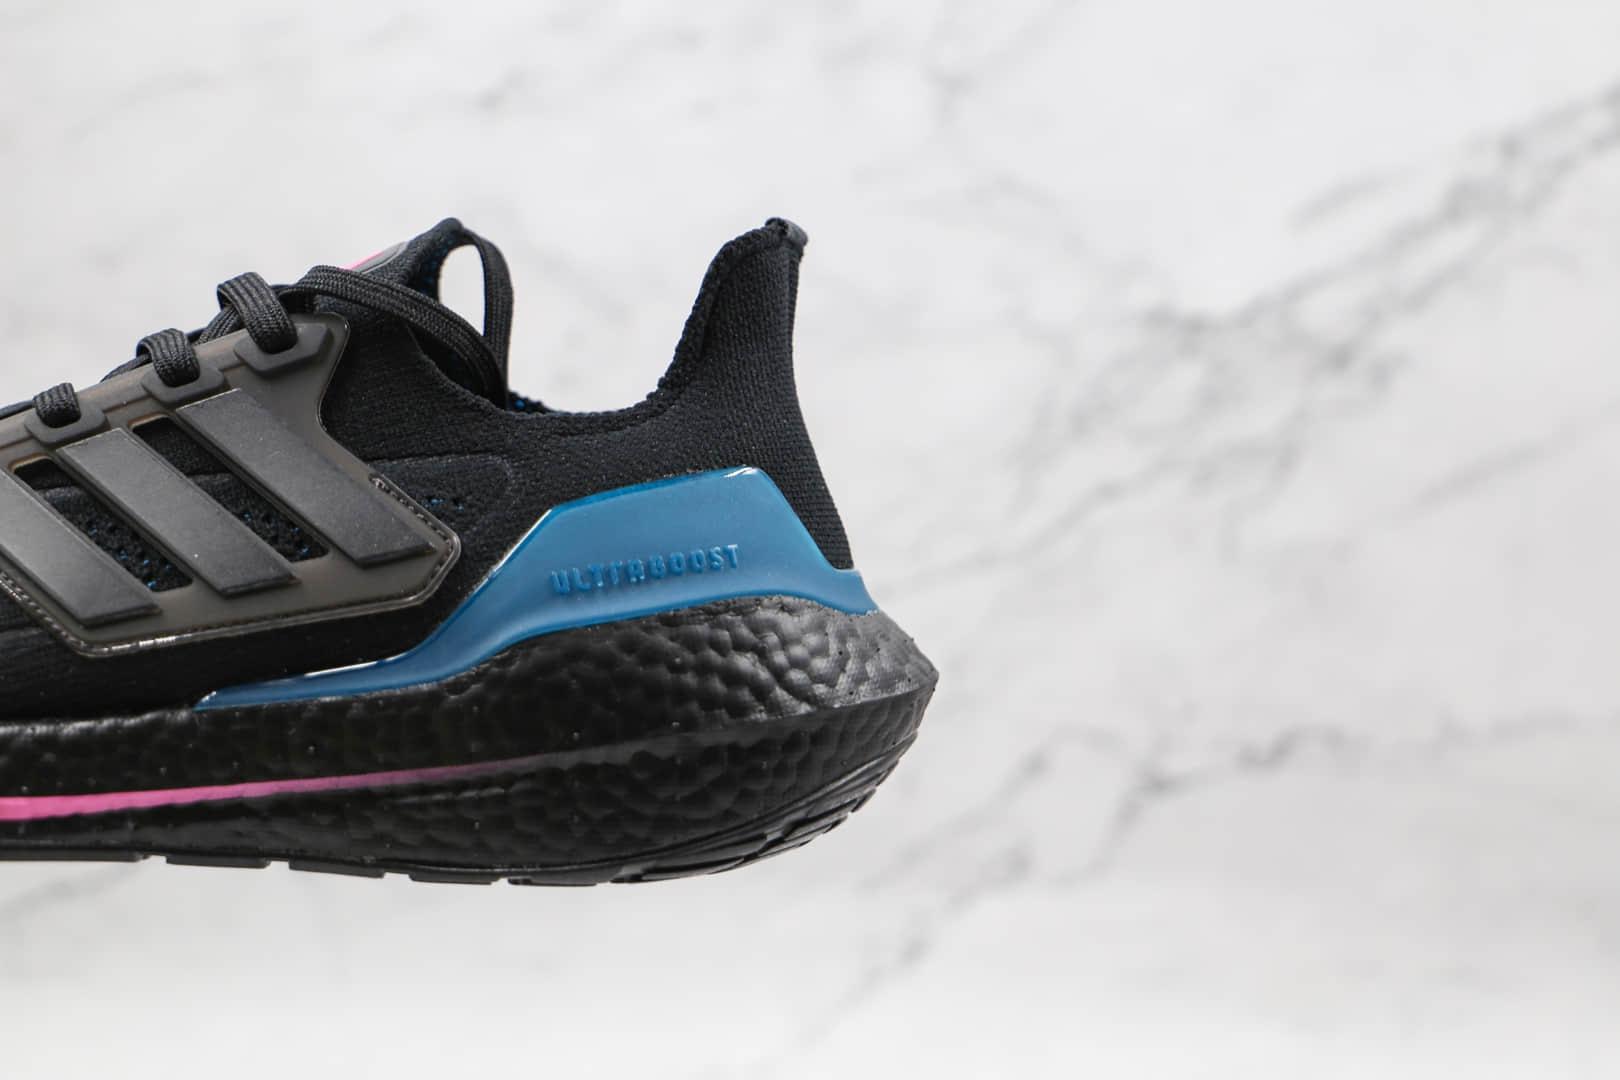 阿迪达斯Adidas ultra boost 2021纯原版本爆米花UB7.0黑蓝色跑鞋原楦头纸板打造 货号:FZ1921